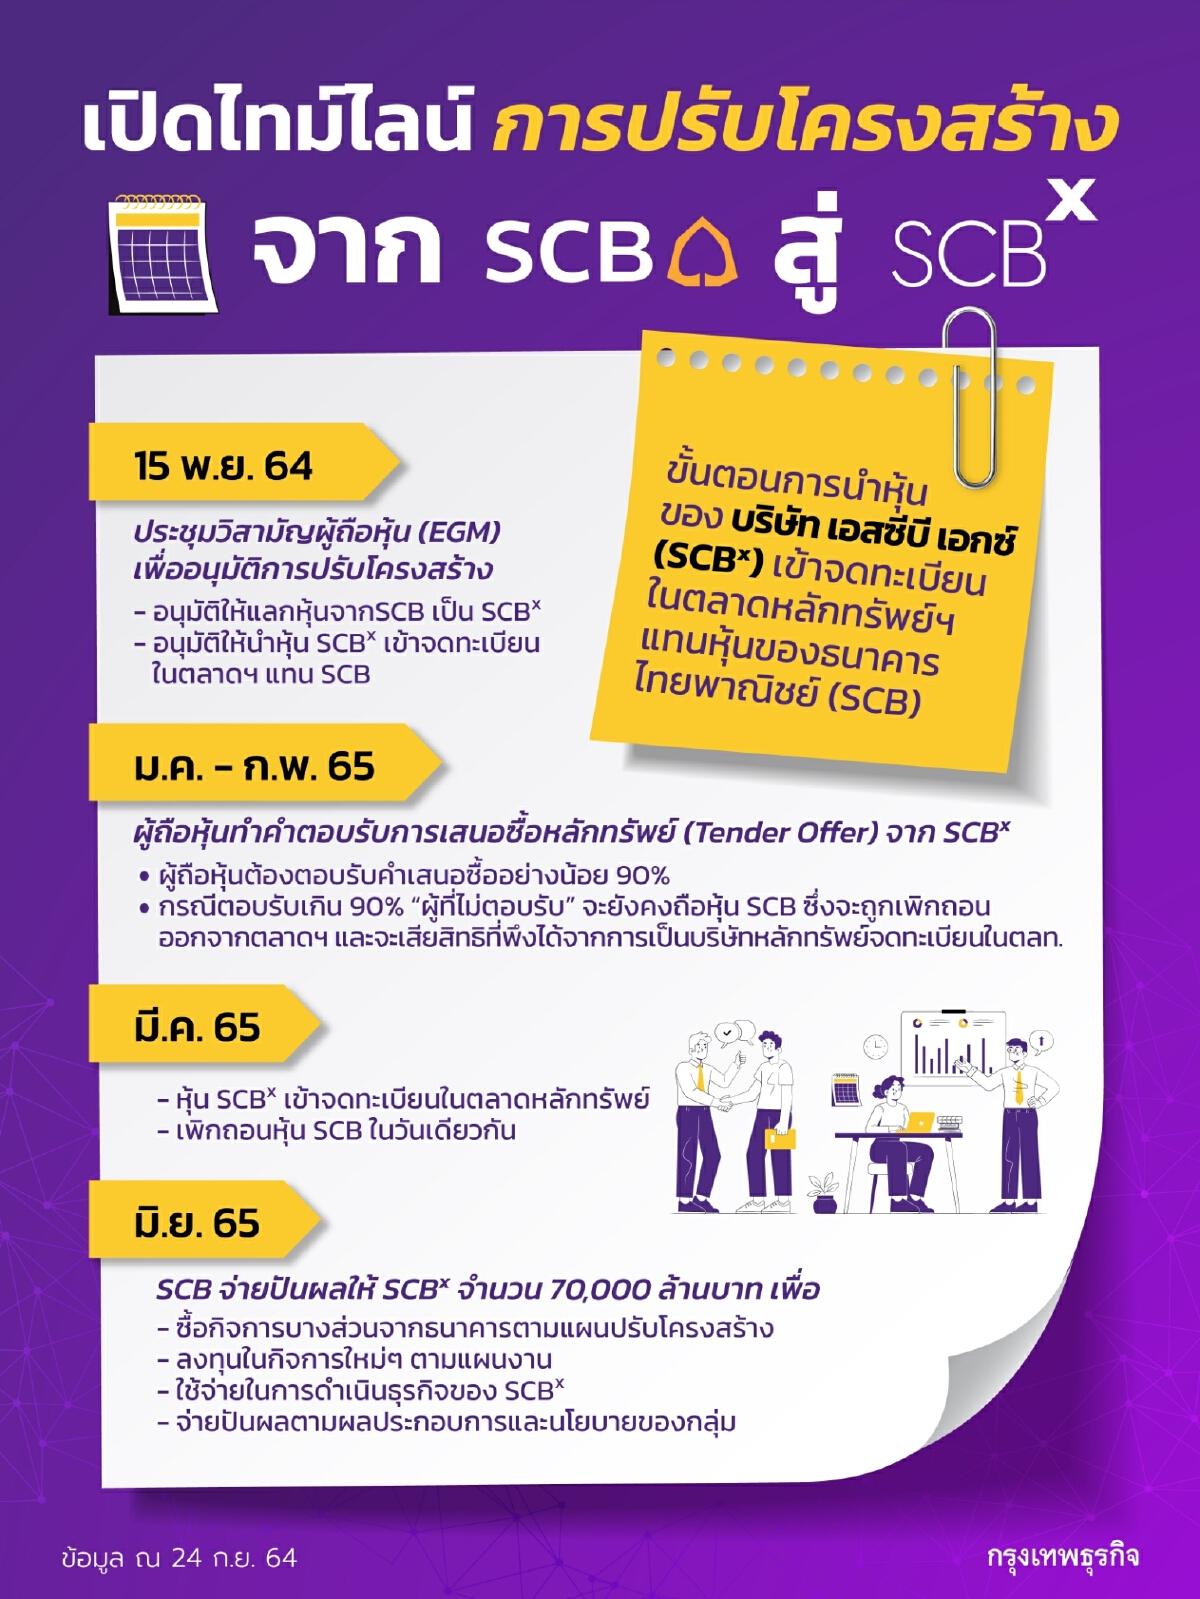 ไทม์ไลน์การปรับโครงสร้าง จาก SCB สู่ SCBX